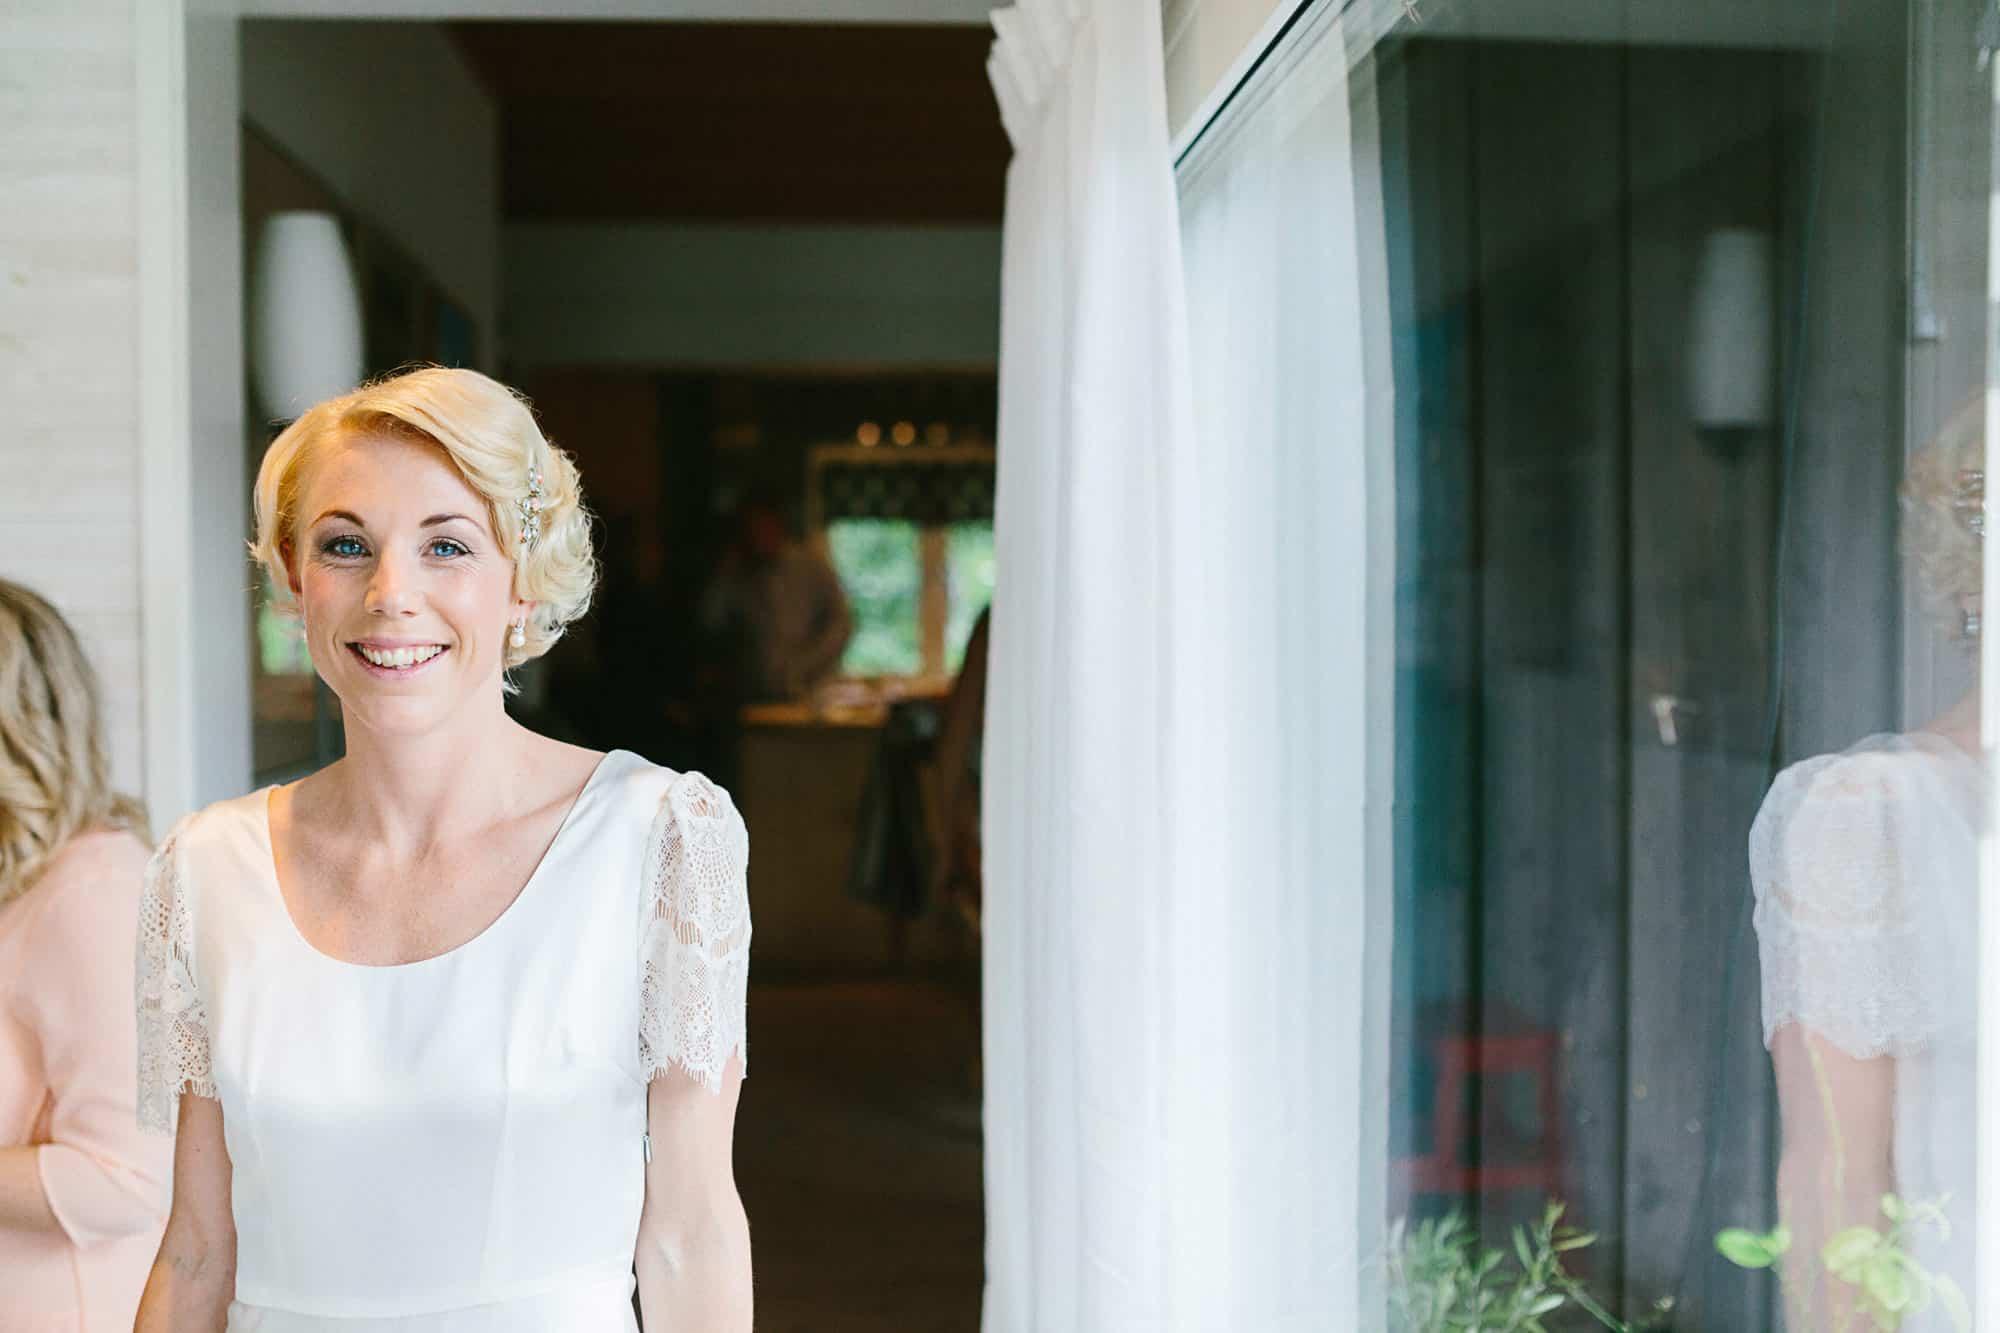 Bröllop, Tylösand, Halmstad, St Olofs kapell, Restaurang Salt, Wedding, Brud, Porträtt, Hav, Sommar, Bröllopsfoto, bröllopsfotograf